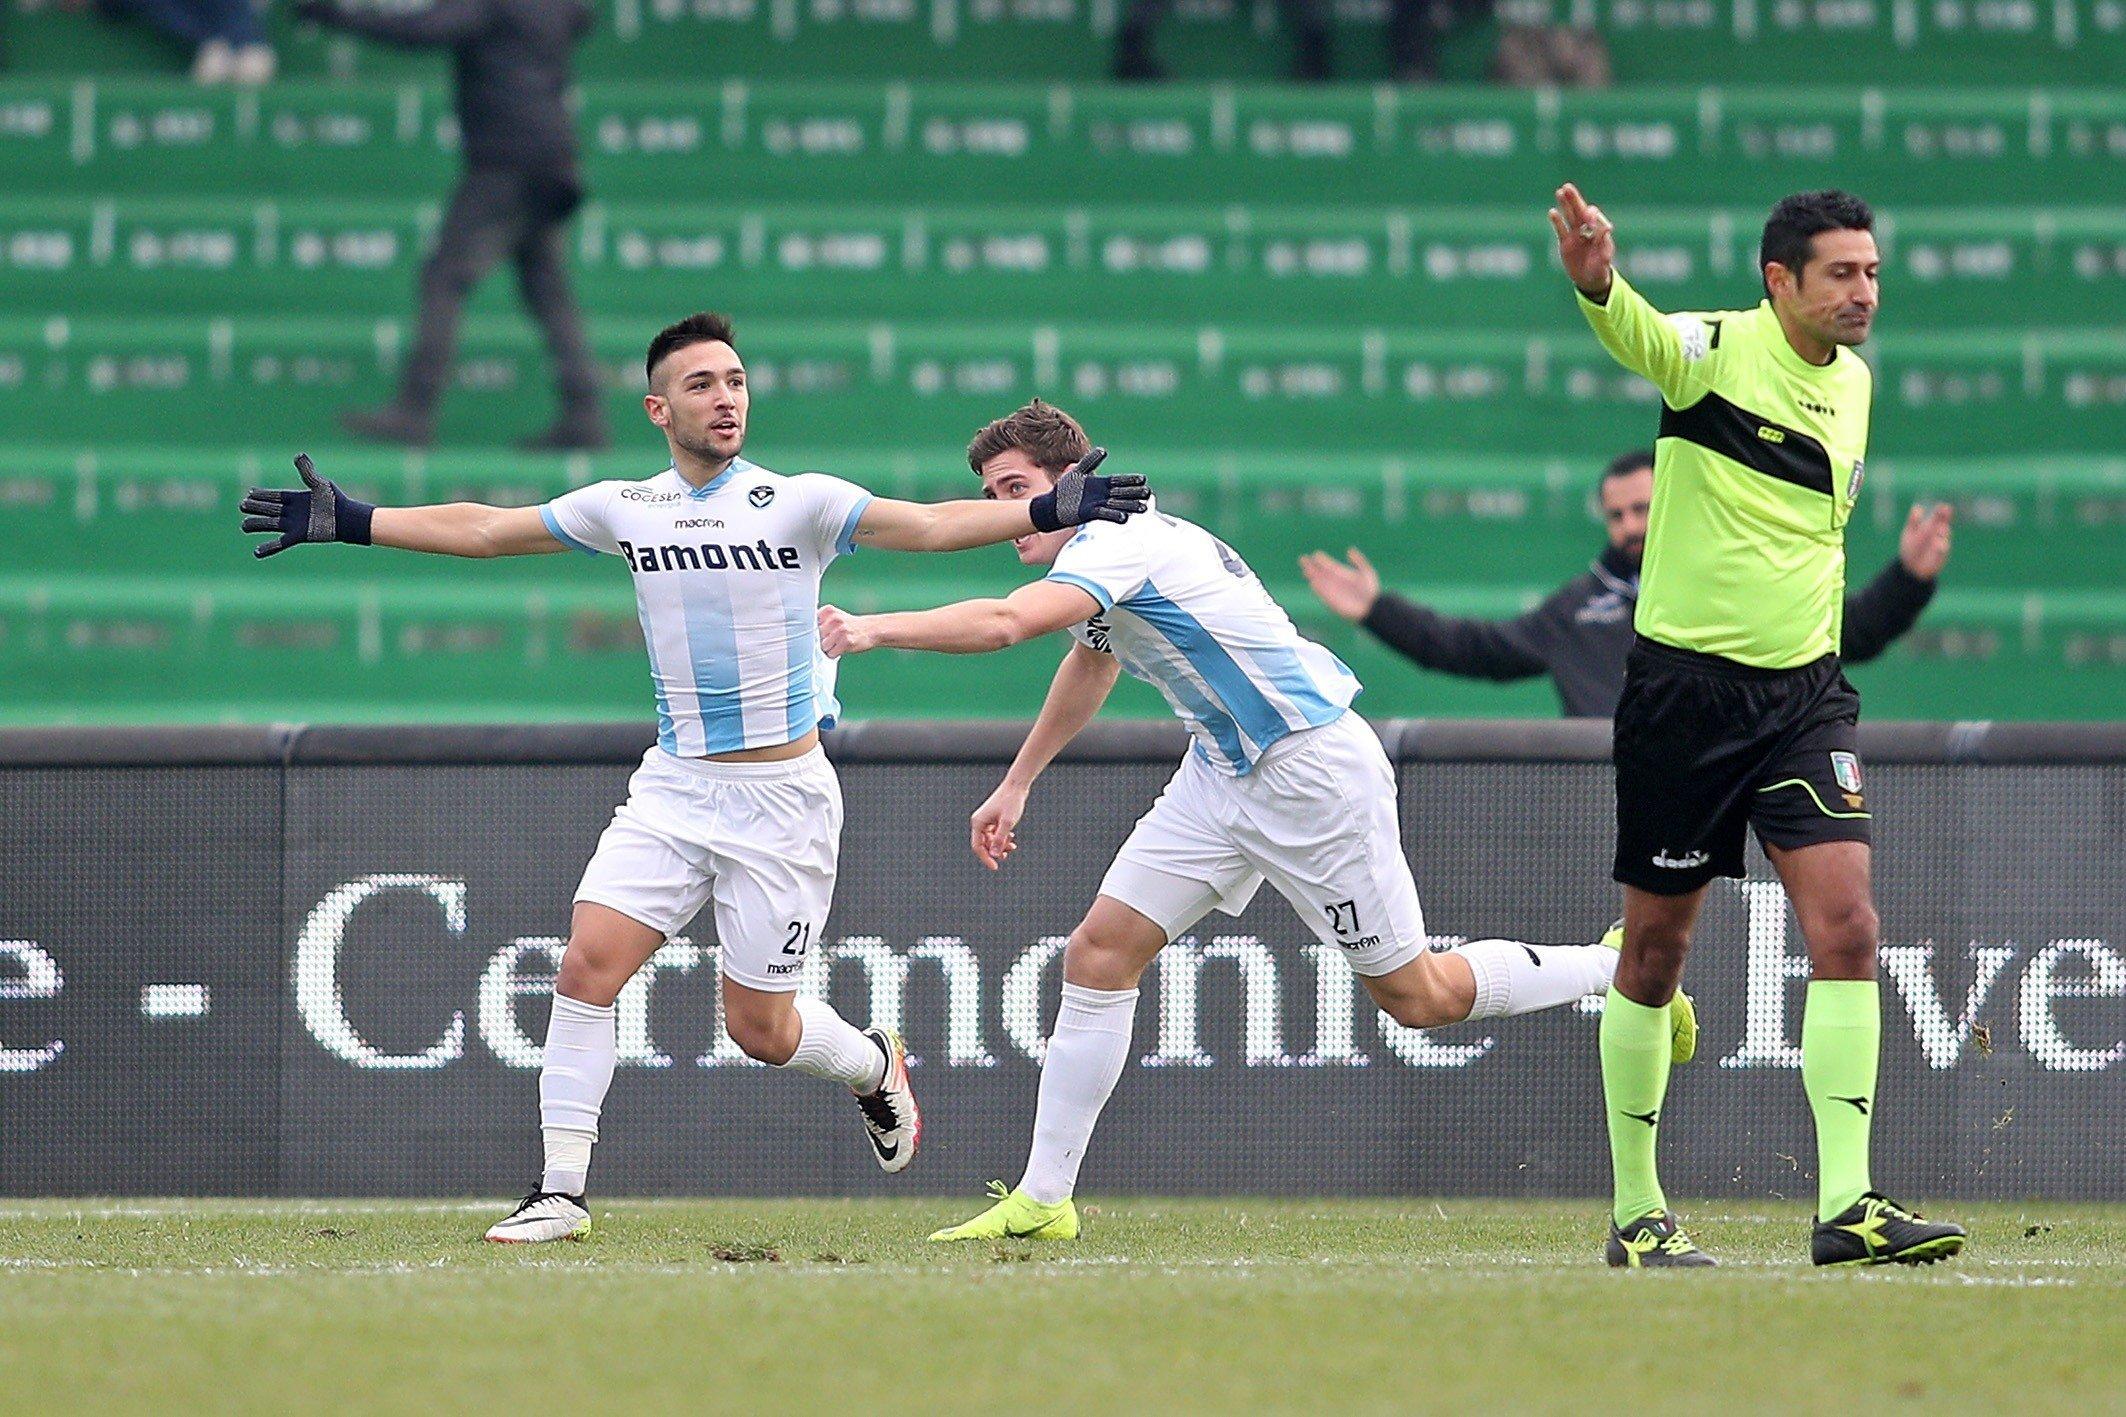 Lega Pro ufficiale, nuovo tecnico per la Giana Erminio